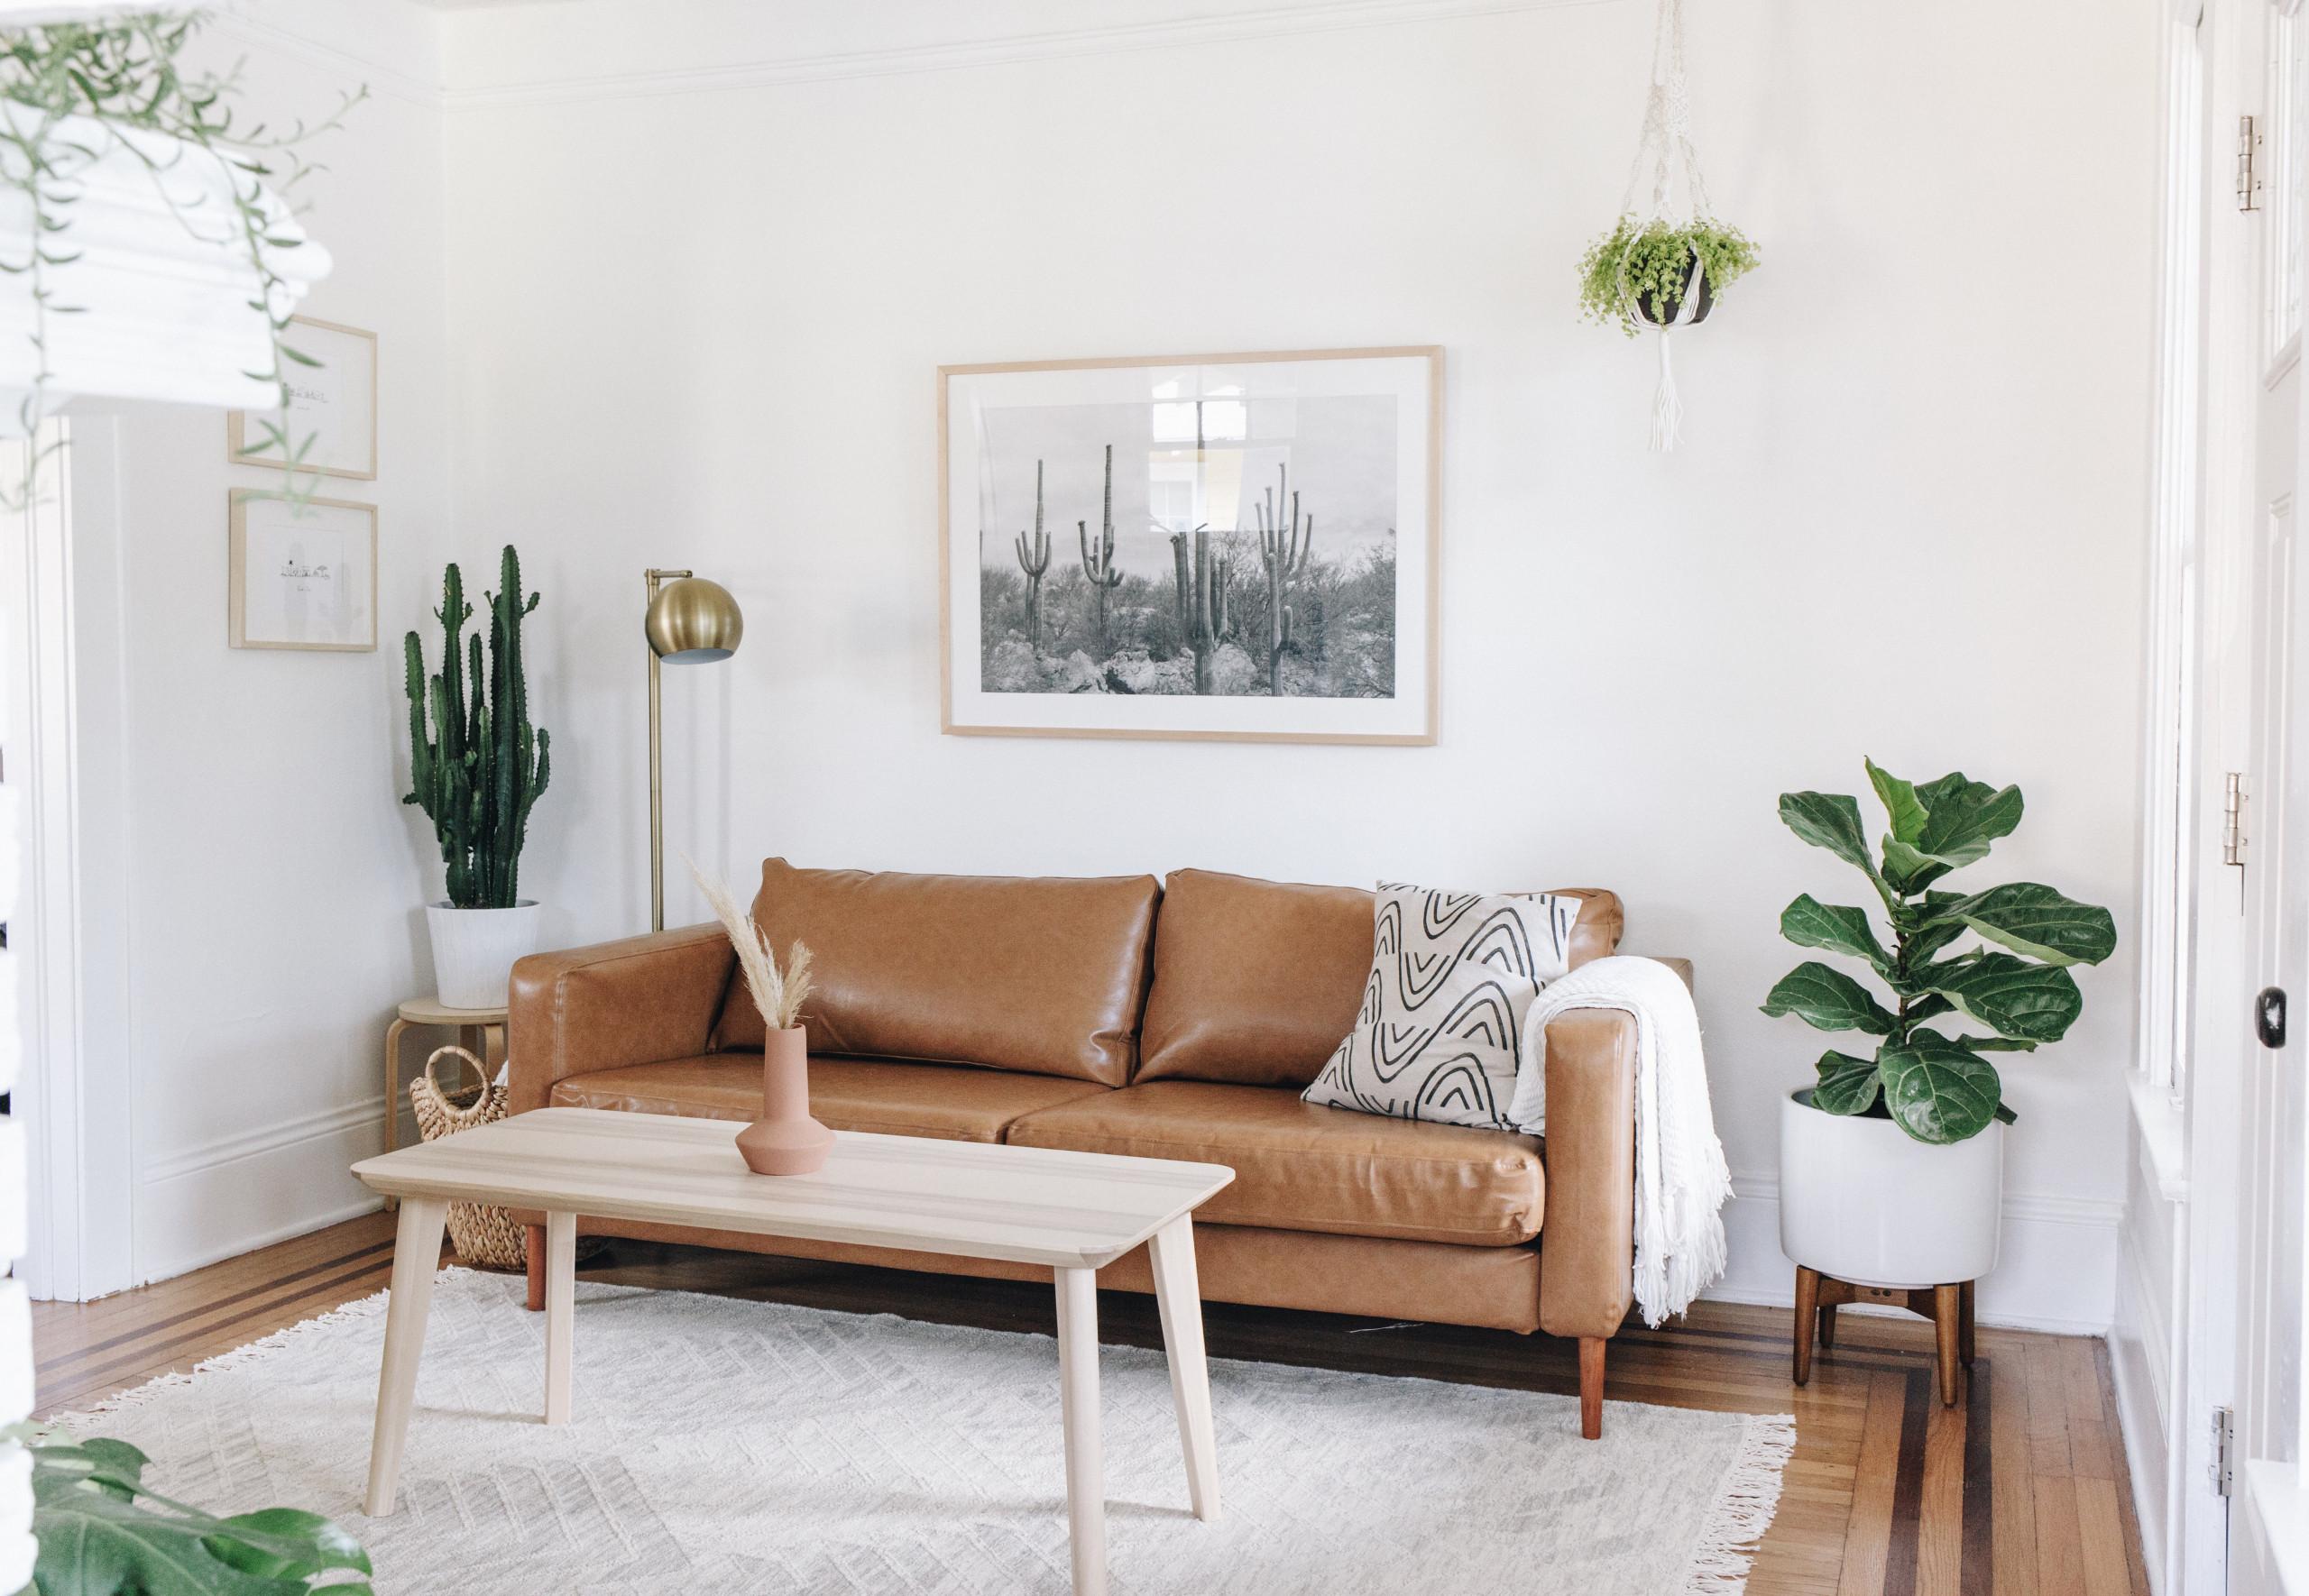 おしゃれな家具や雑貨で人気のIKEAのソファを全10位までご紹介します!